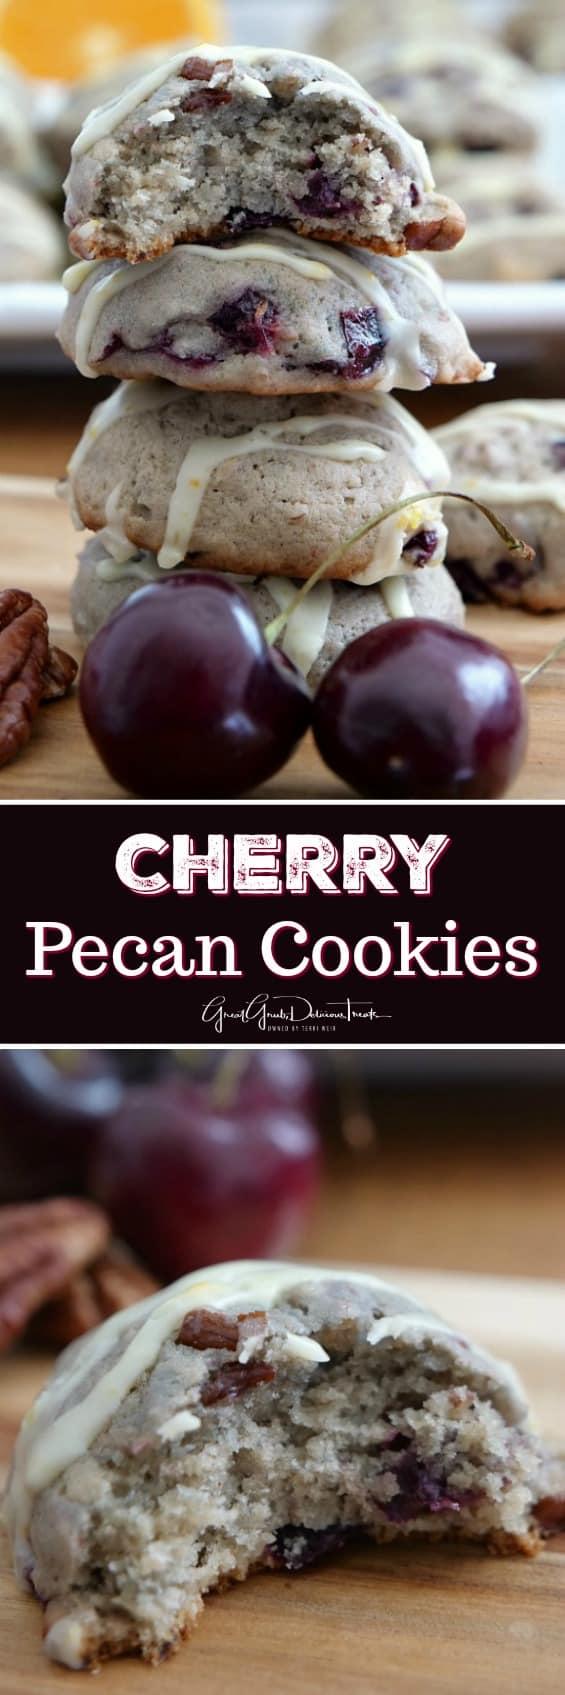 Cherry Pecan Cookies